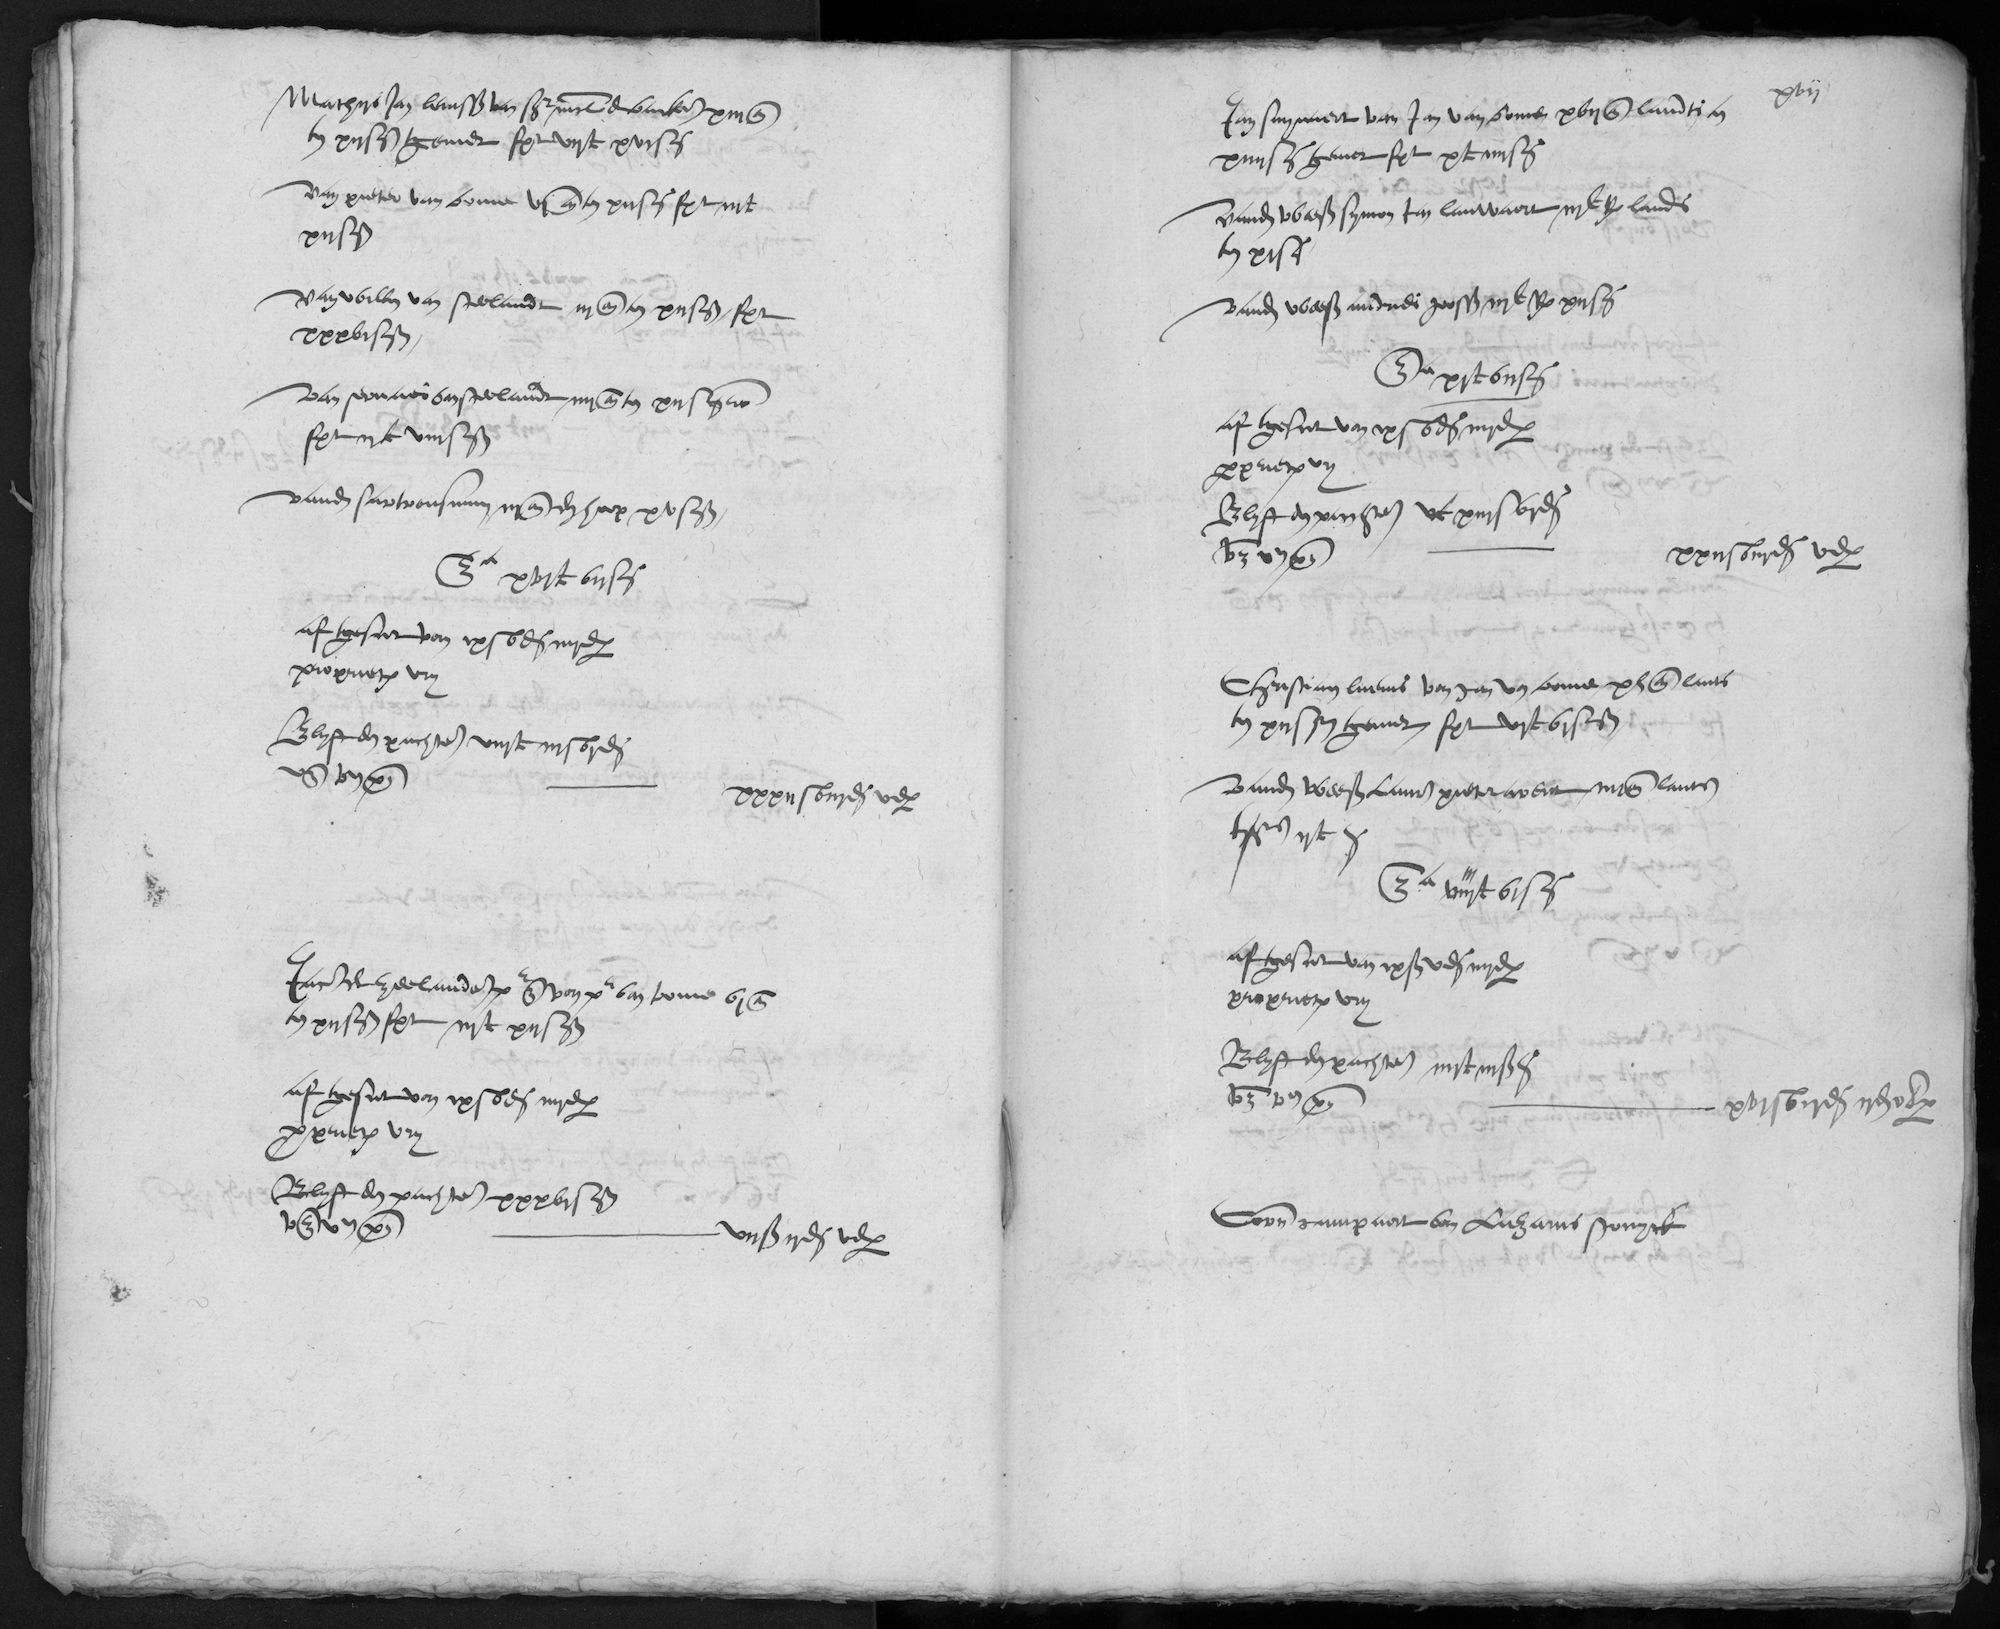 Penningkohier van Saaftinge, 1577